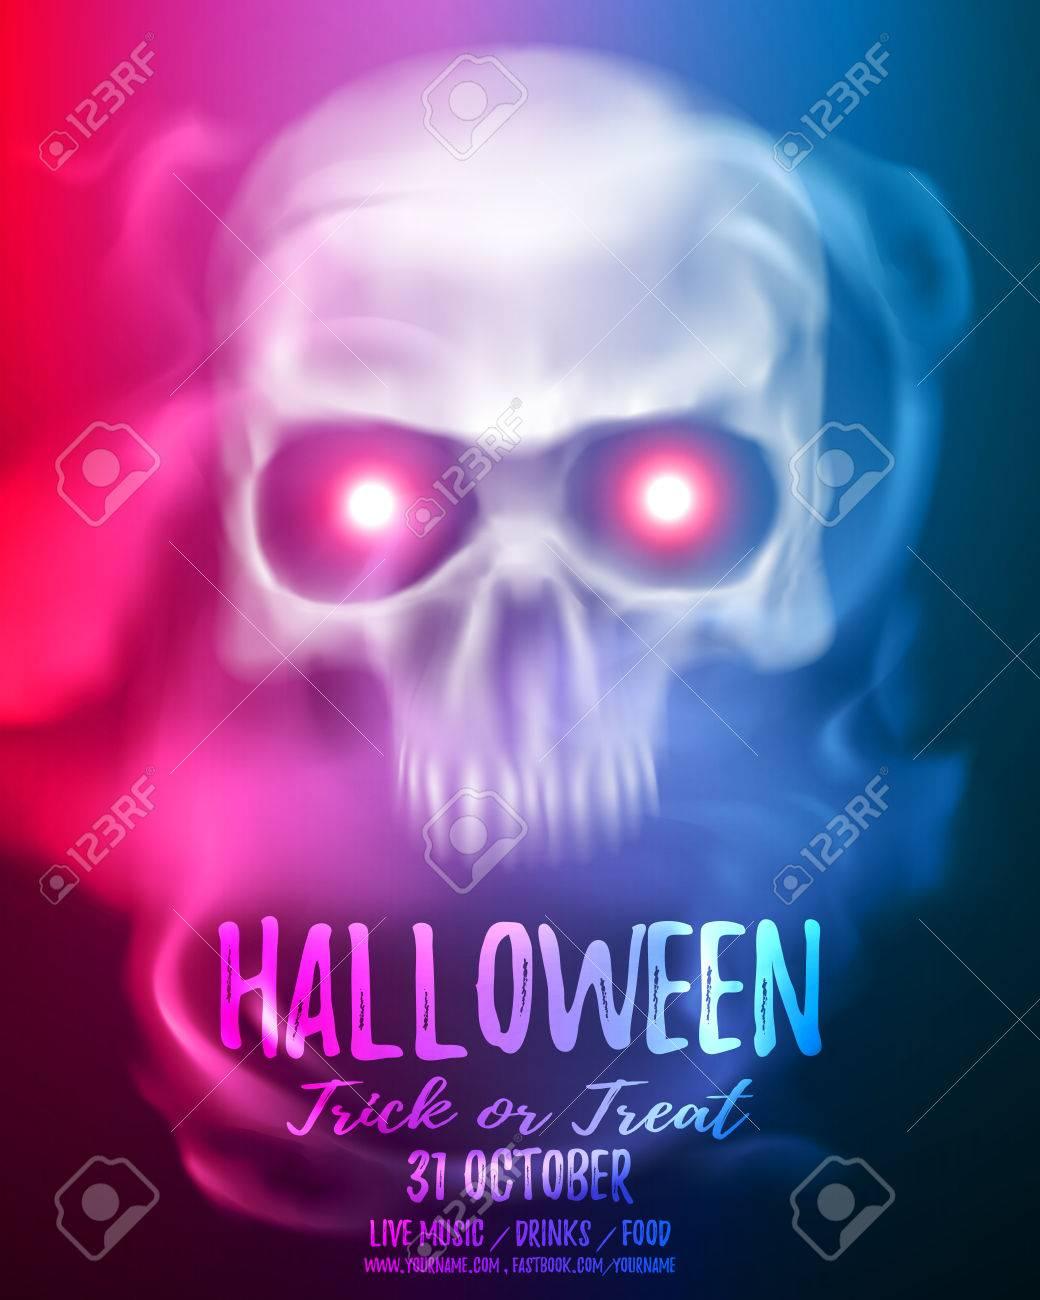 Halloween-Party-Flyer Oder Broschüre Vorlage Mit Transparenten ...